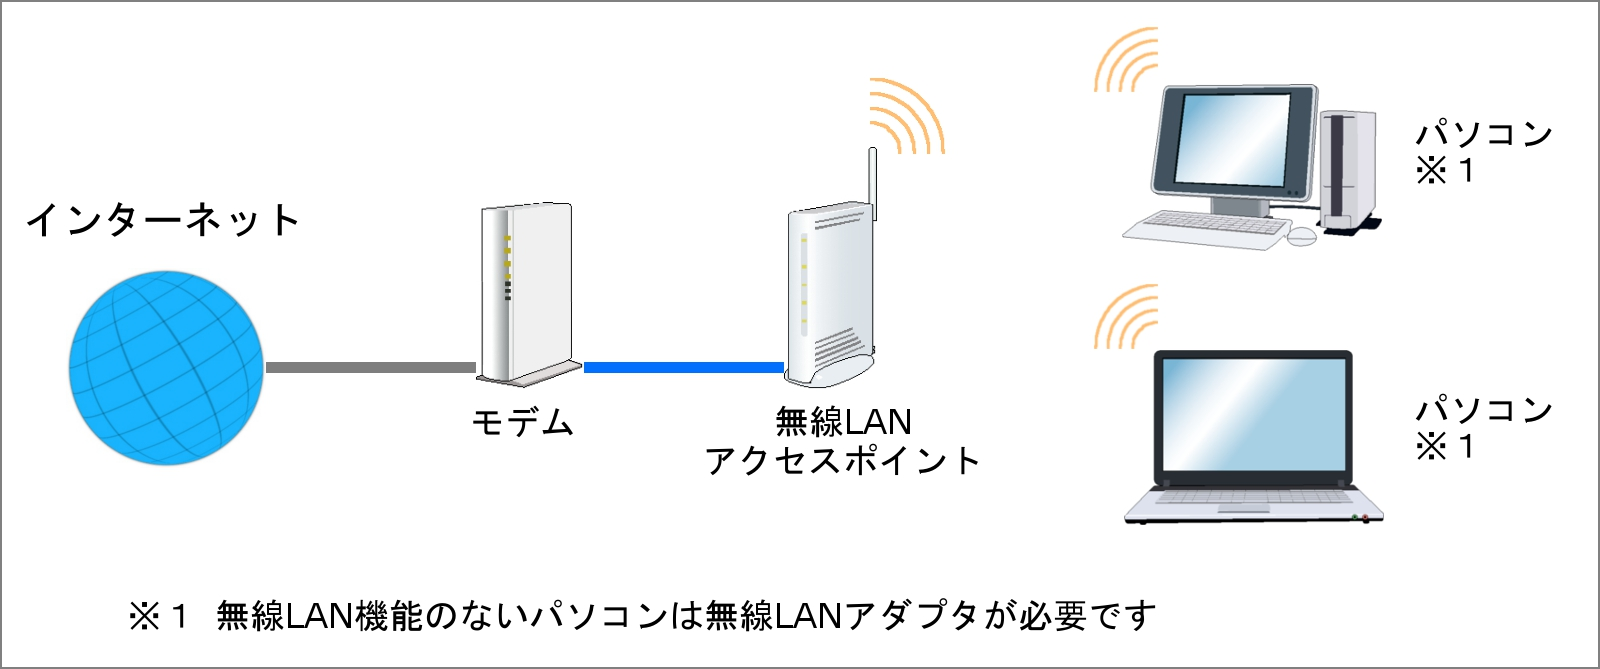 無線LANの設定 | 両毛インター...